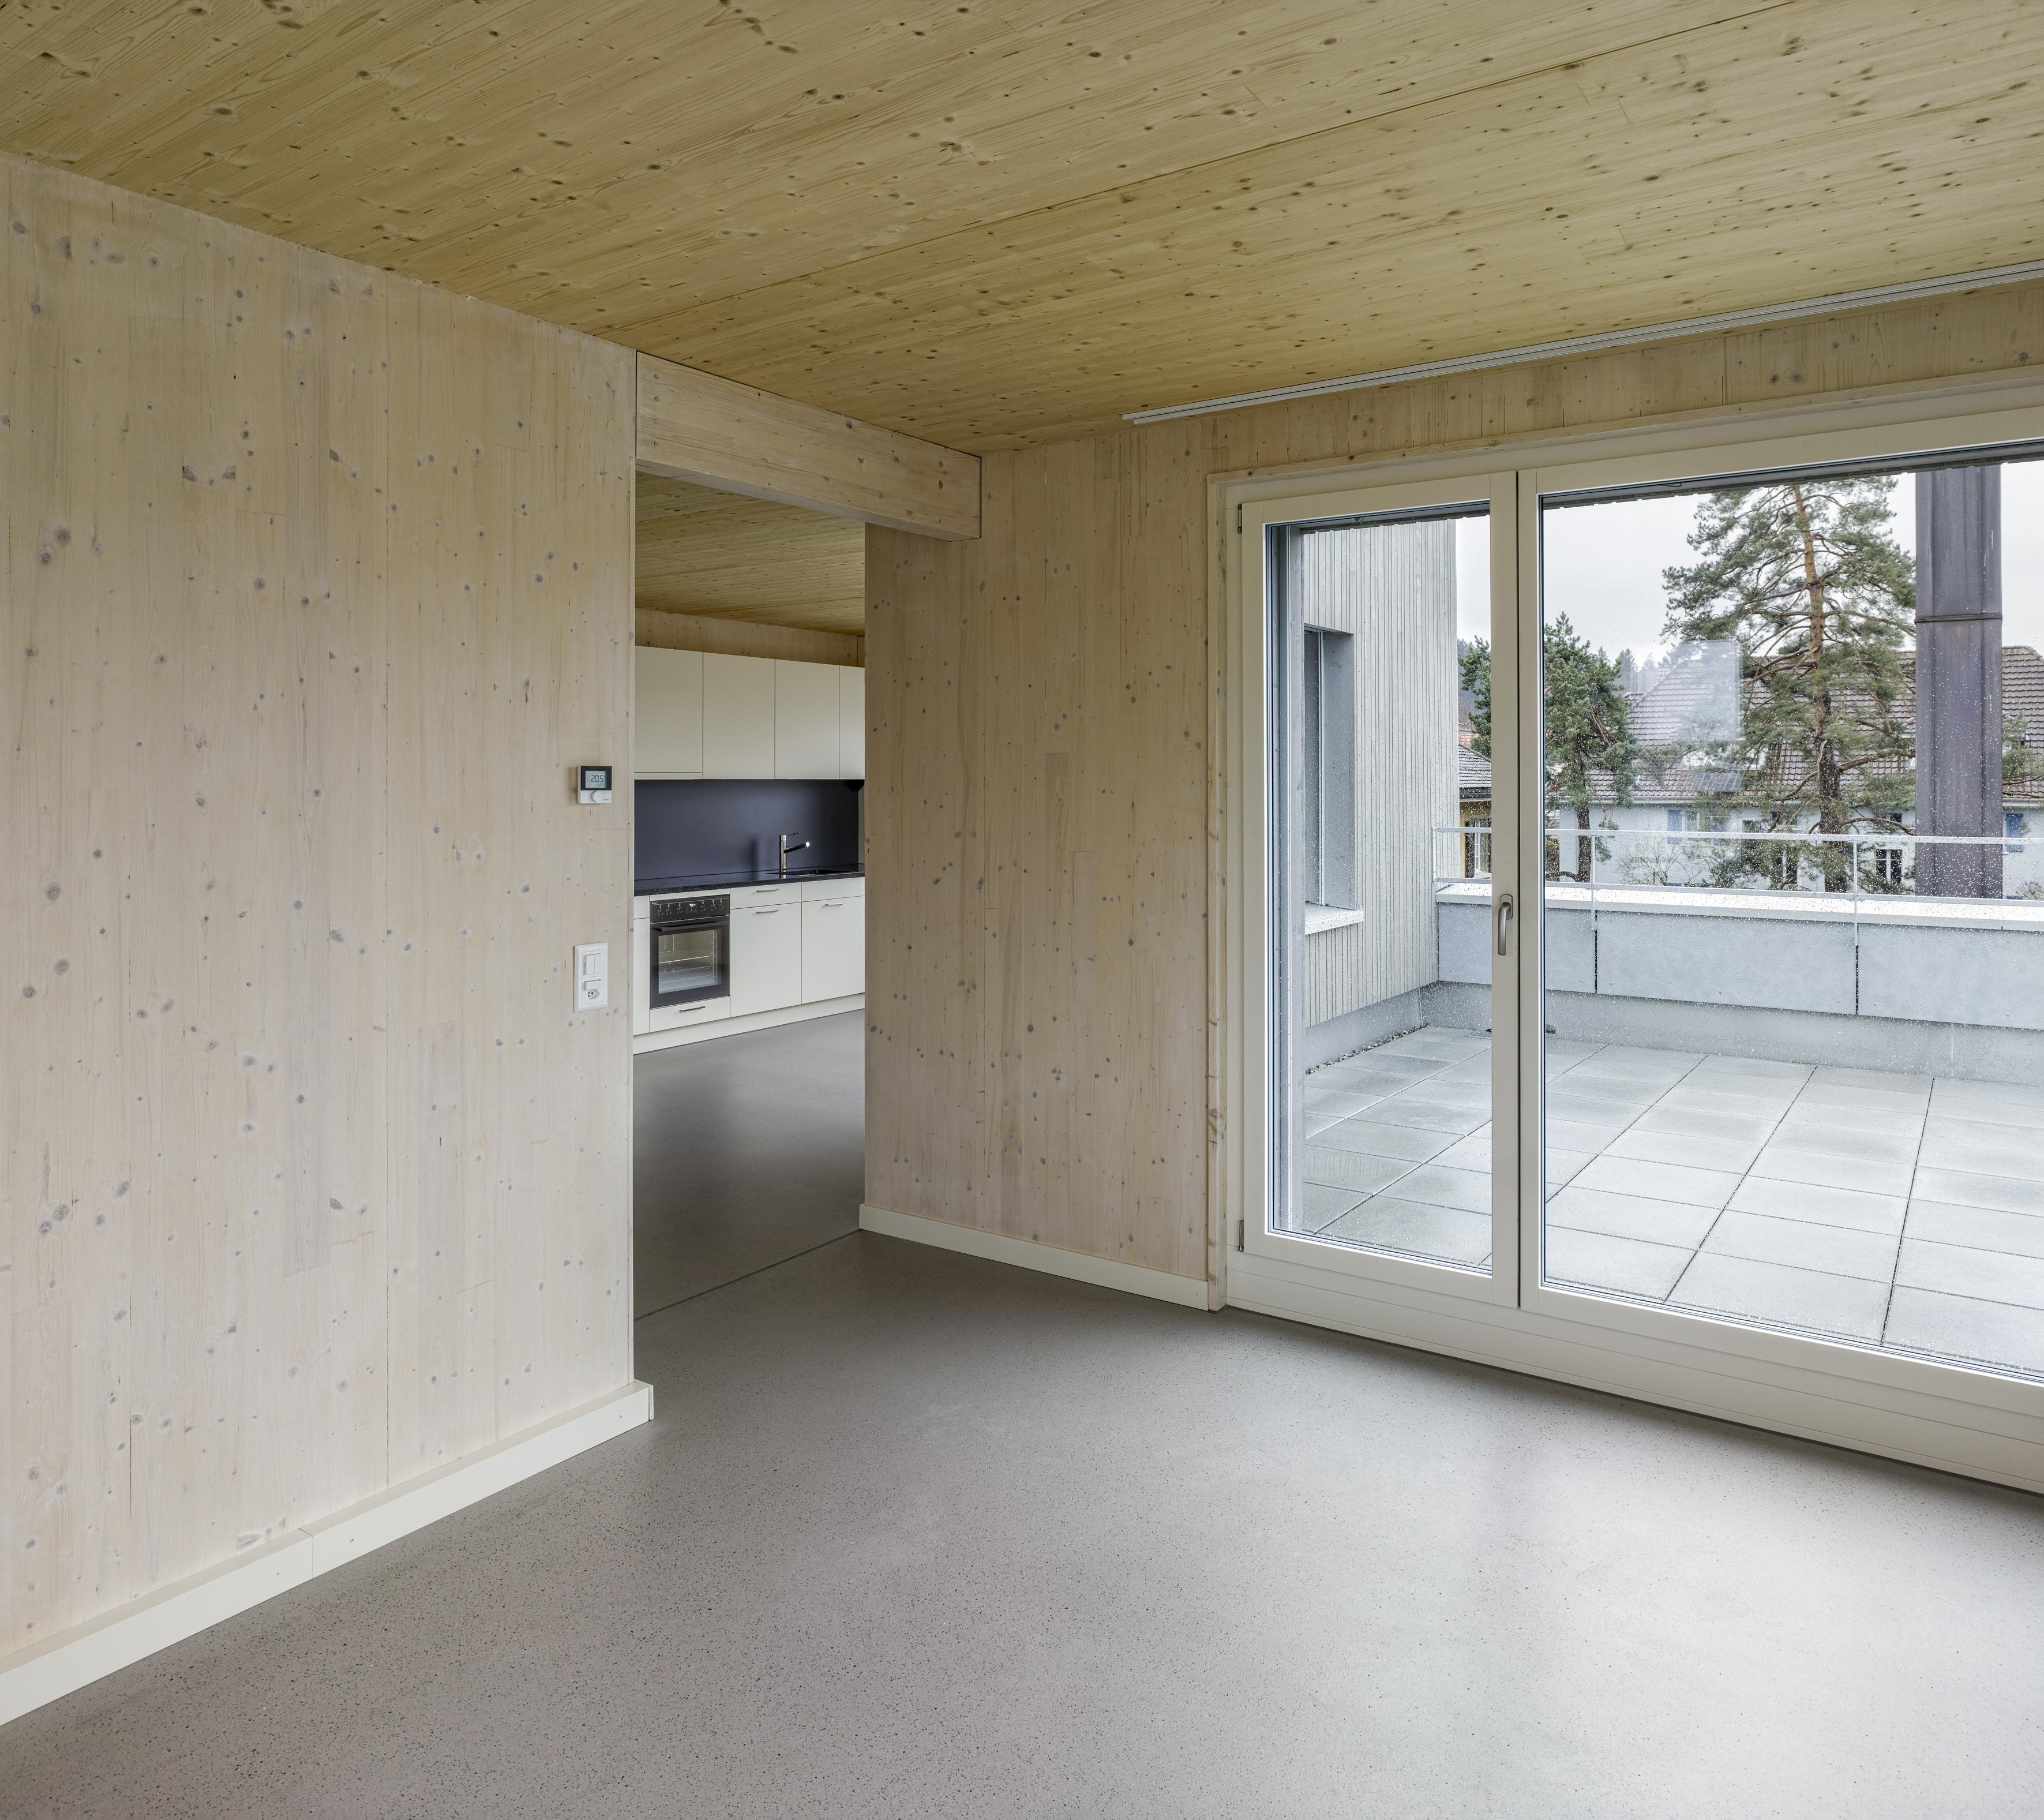 Attikawohnung mit Terrasse